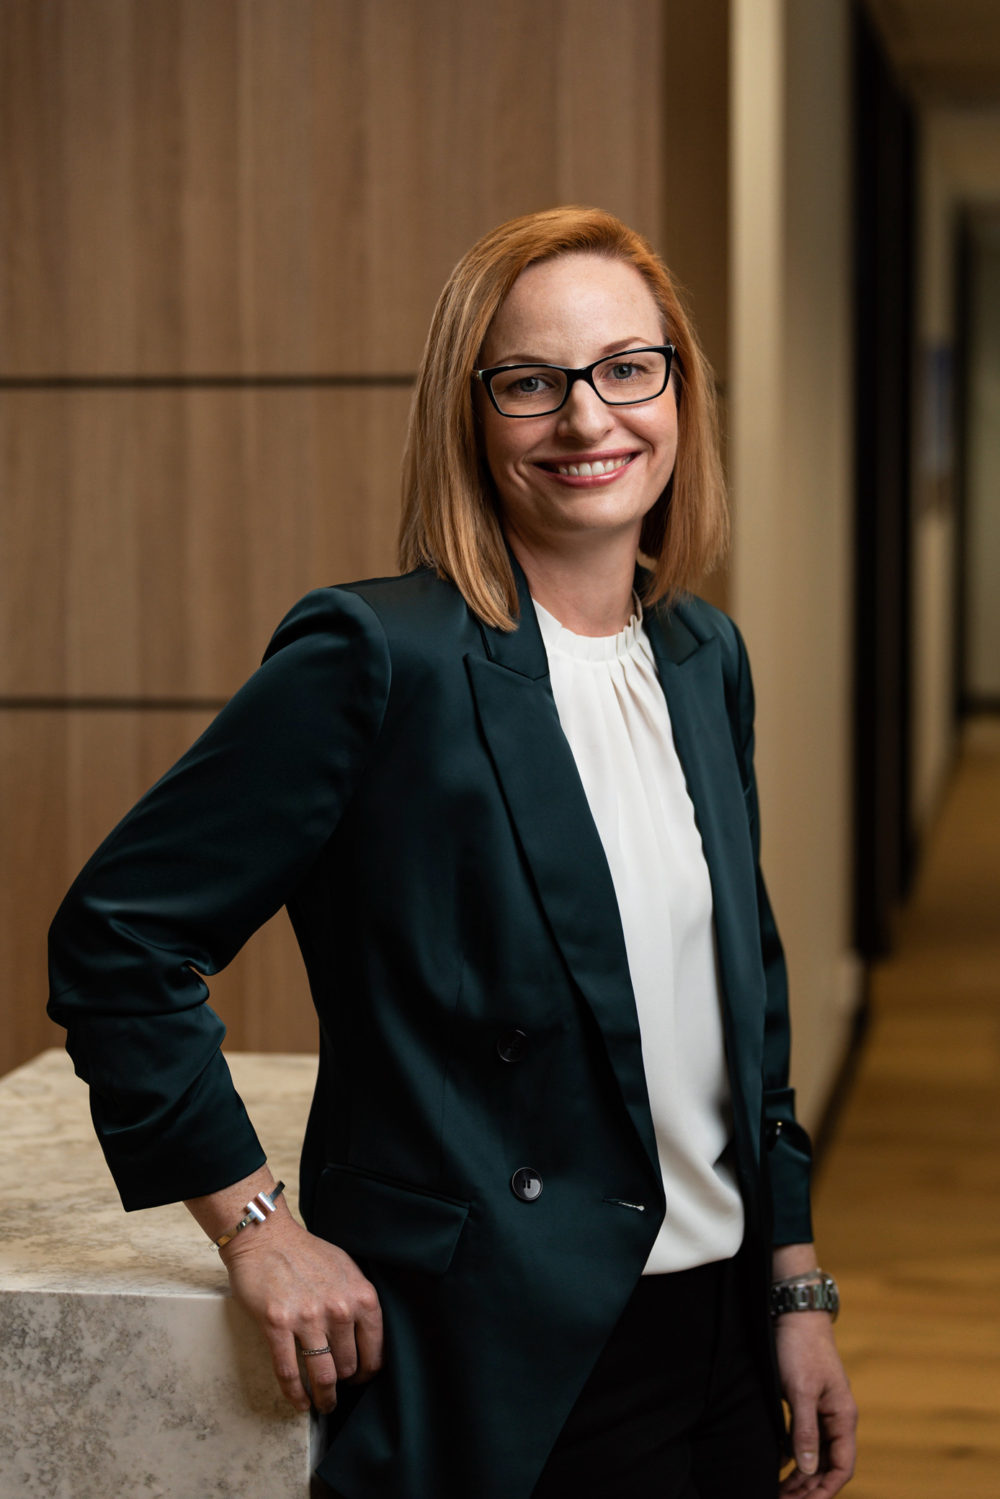 Victoria Gilliland